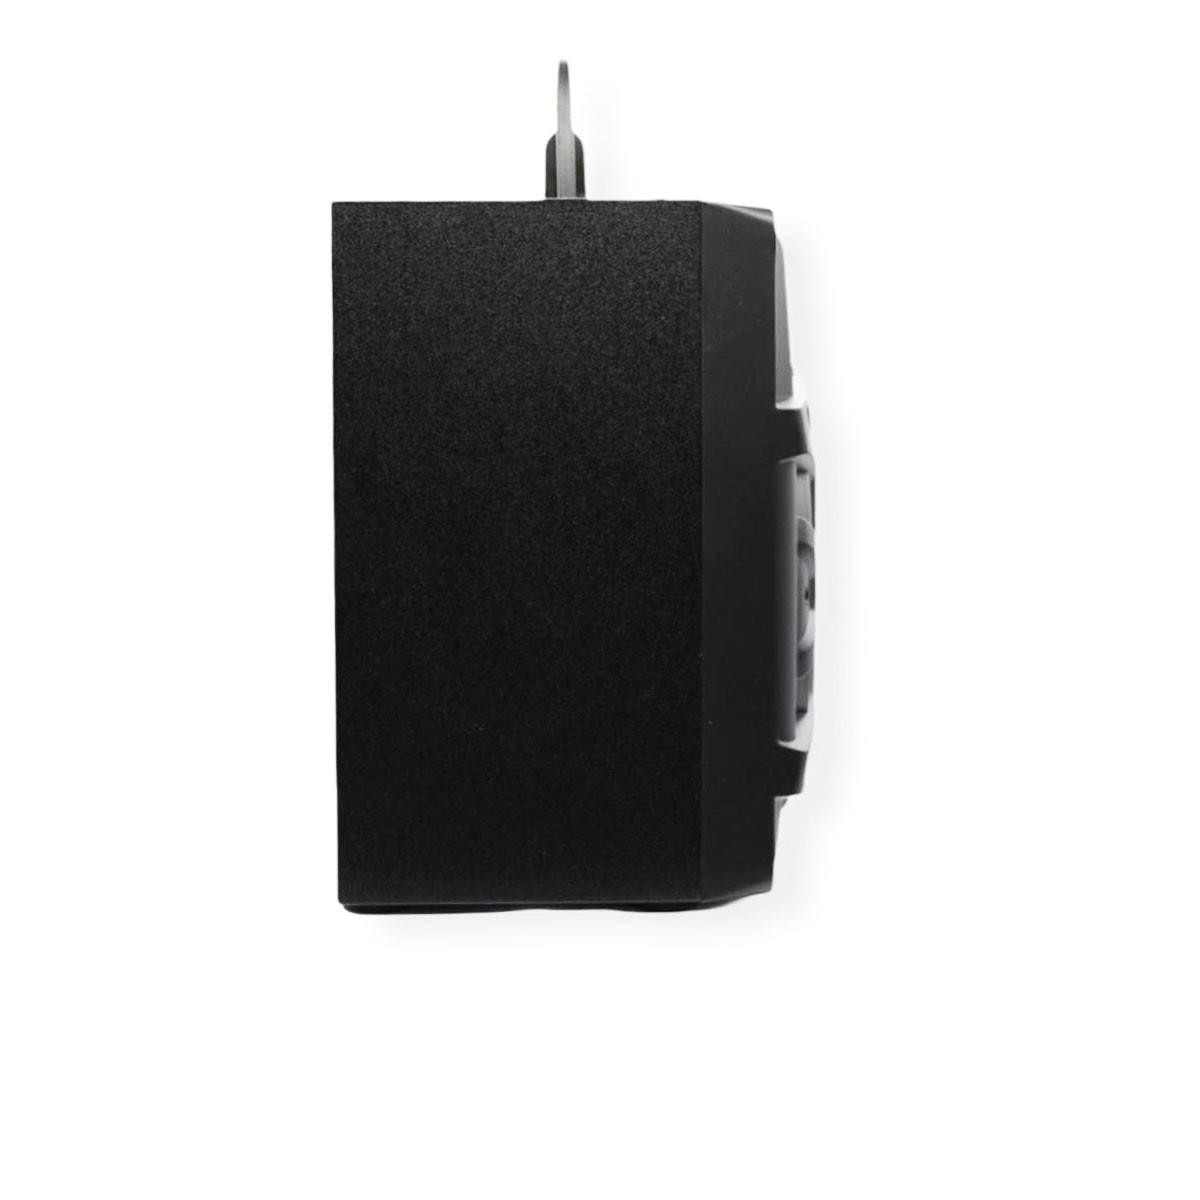 Caixinha De Som Portatil Caixa Bluetooth Usb Radio Fm Led